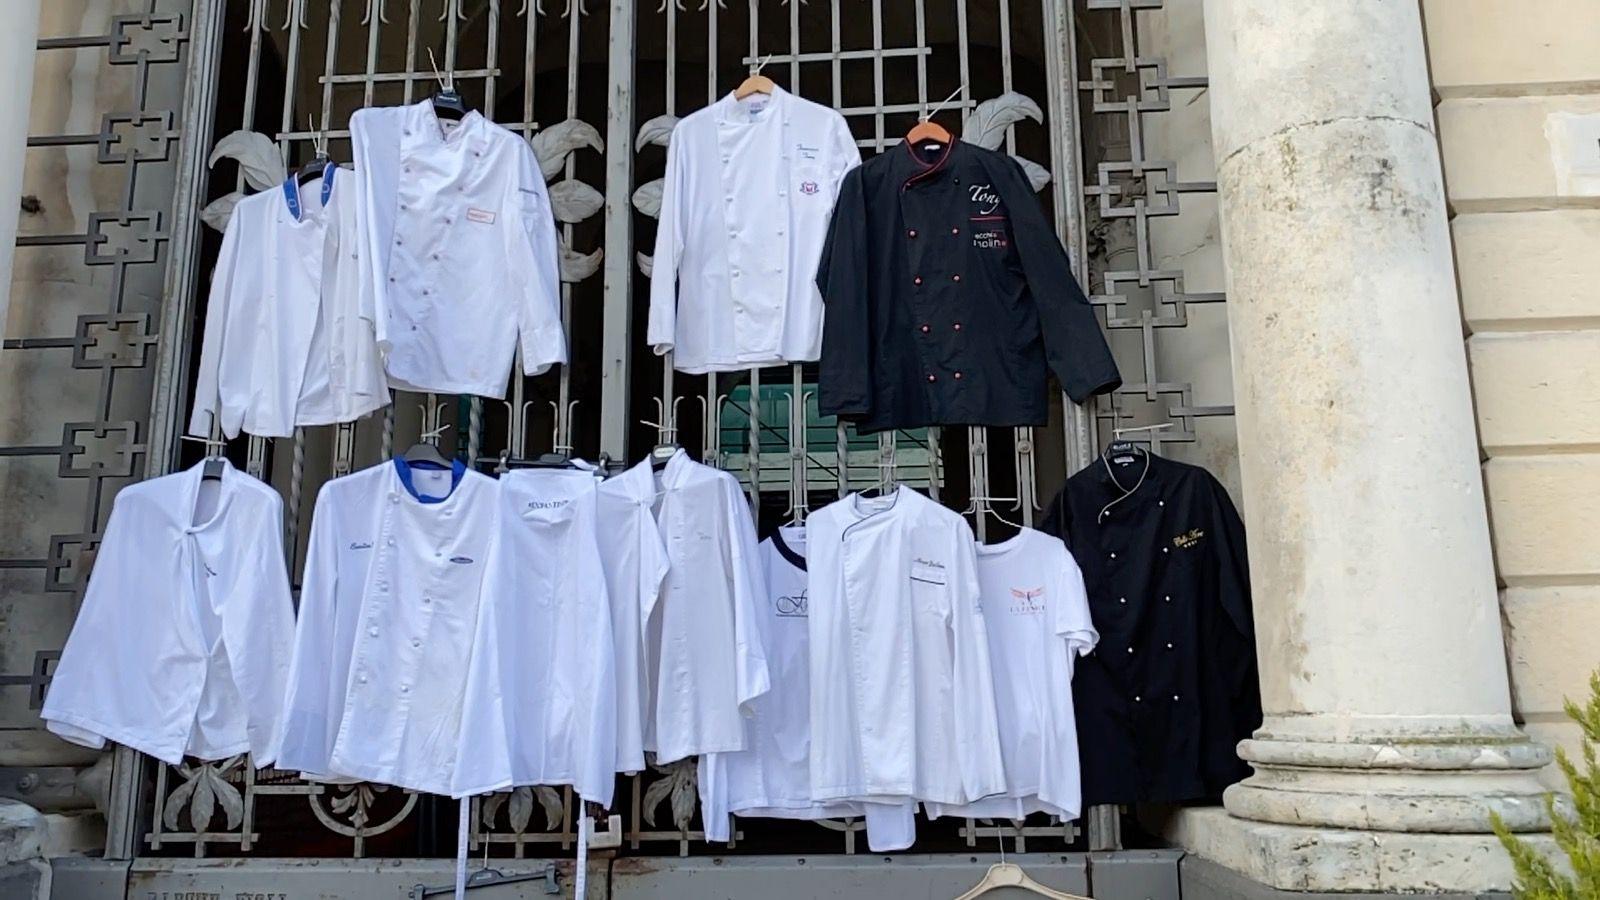 Covid, a Palazzo Acreide i ristoratori consegnano i grembiuli al Comune e  occupano l'aula consiliare - CorrieredelMezzogiorno.it